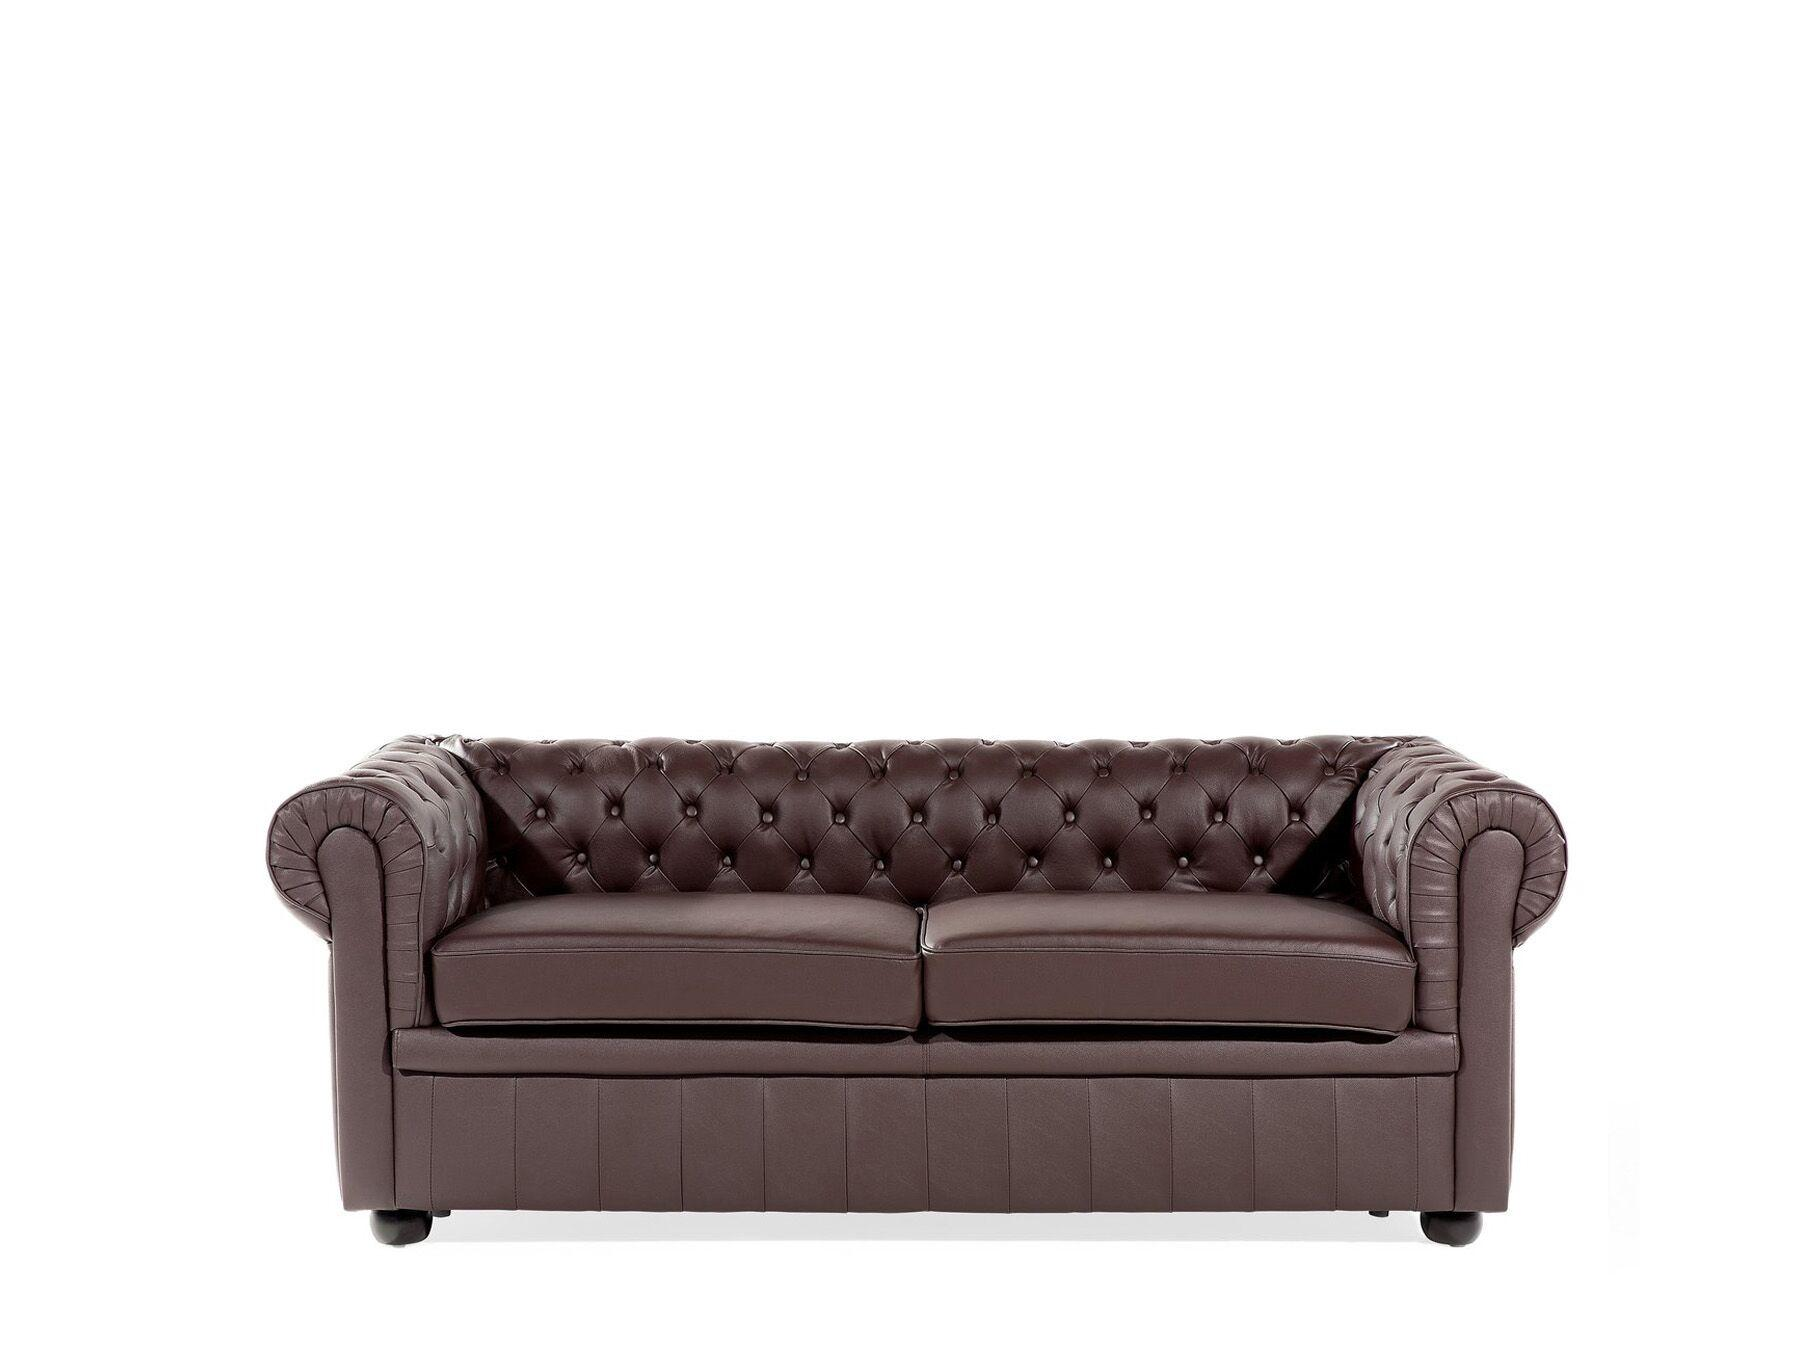 Sofa Leder Braun